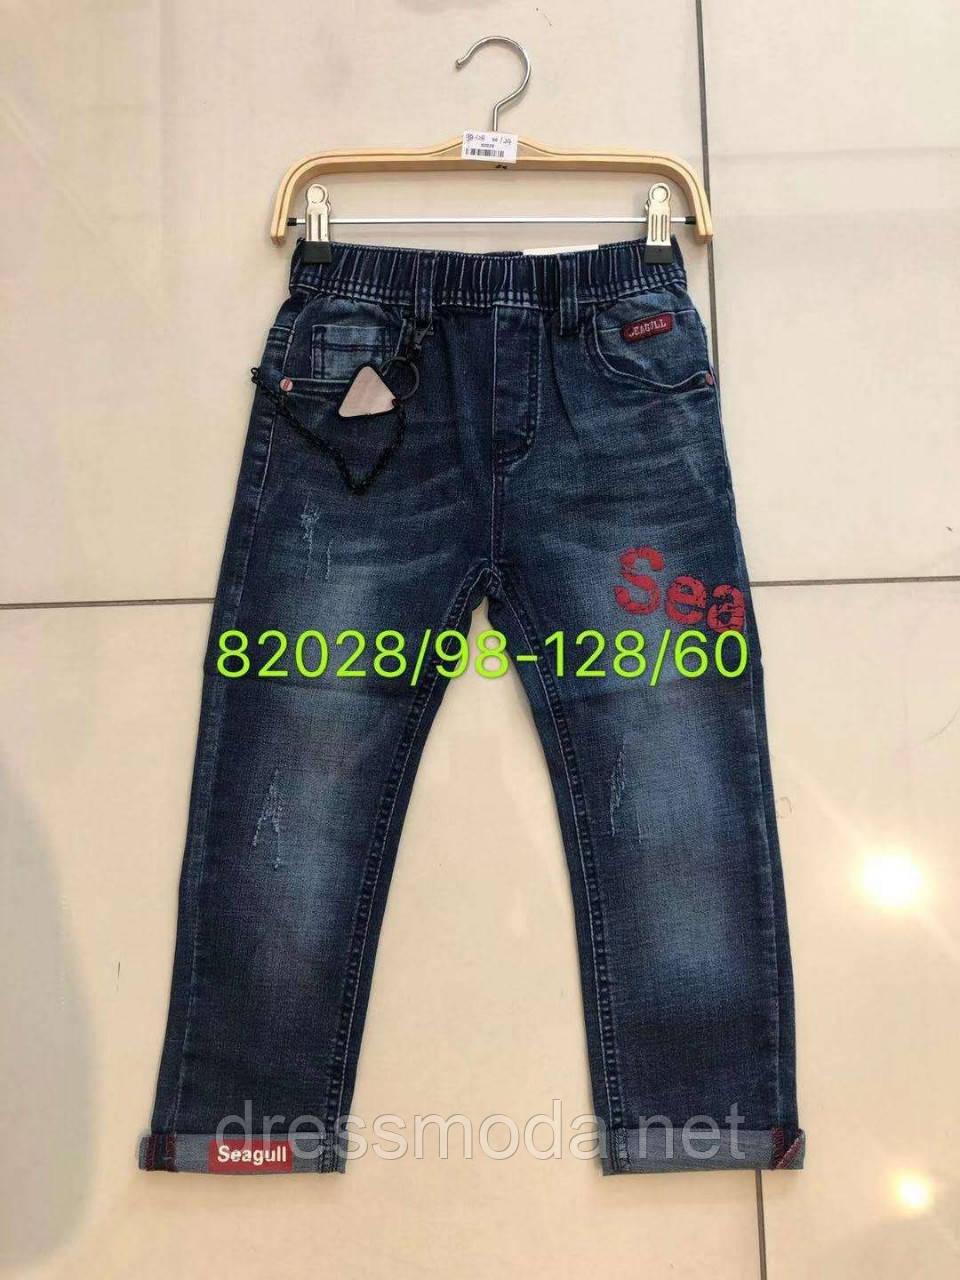 Джинсовые брюки для мальчиков Seagull 98-128 p.p.